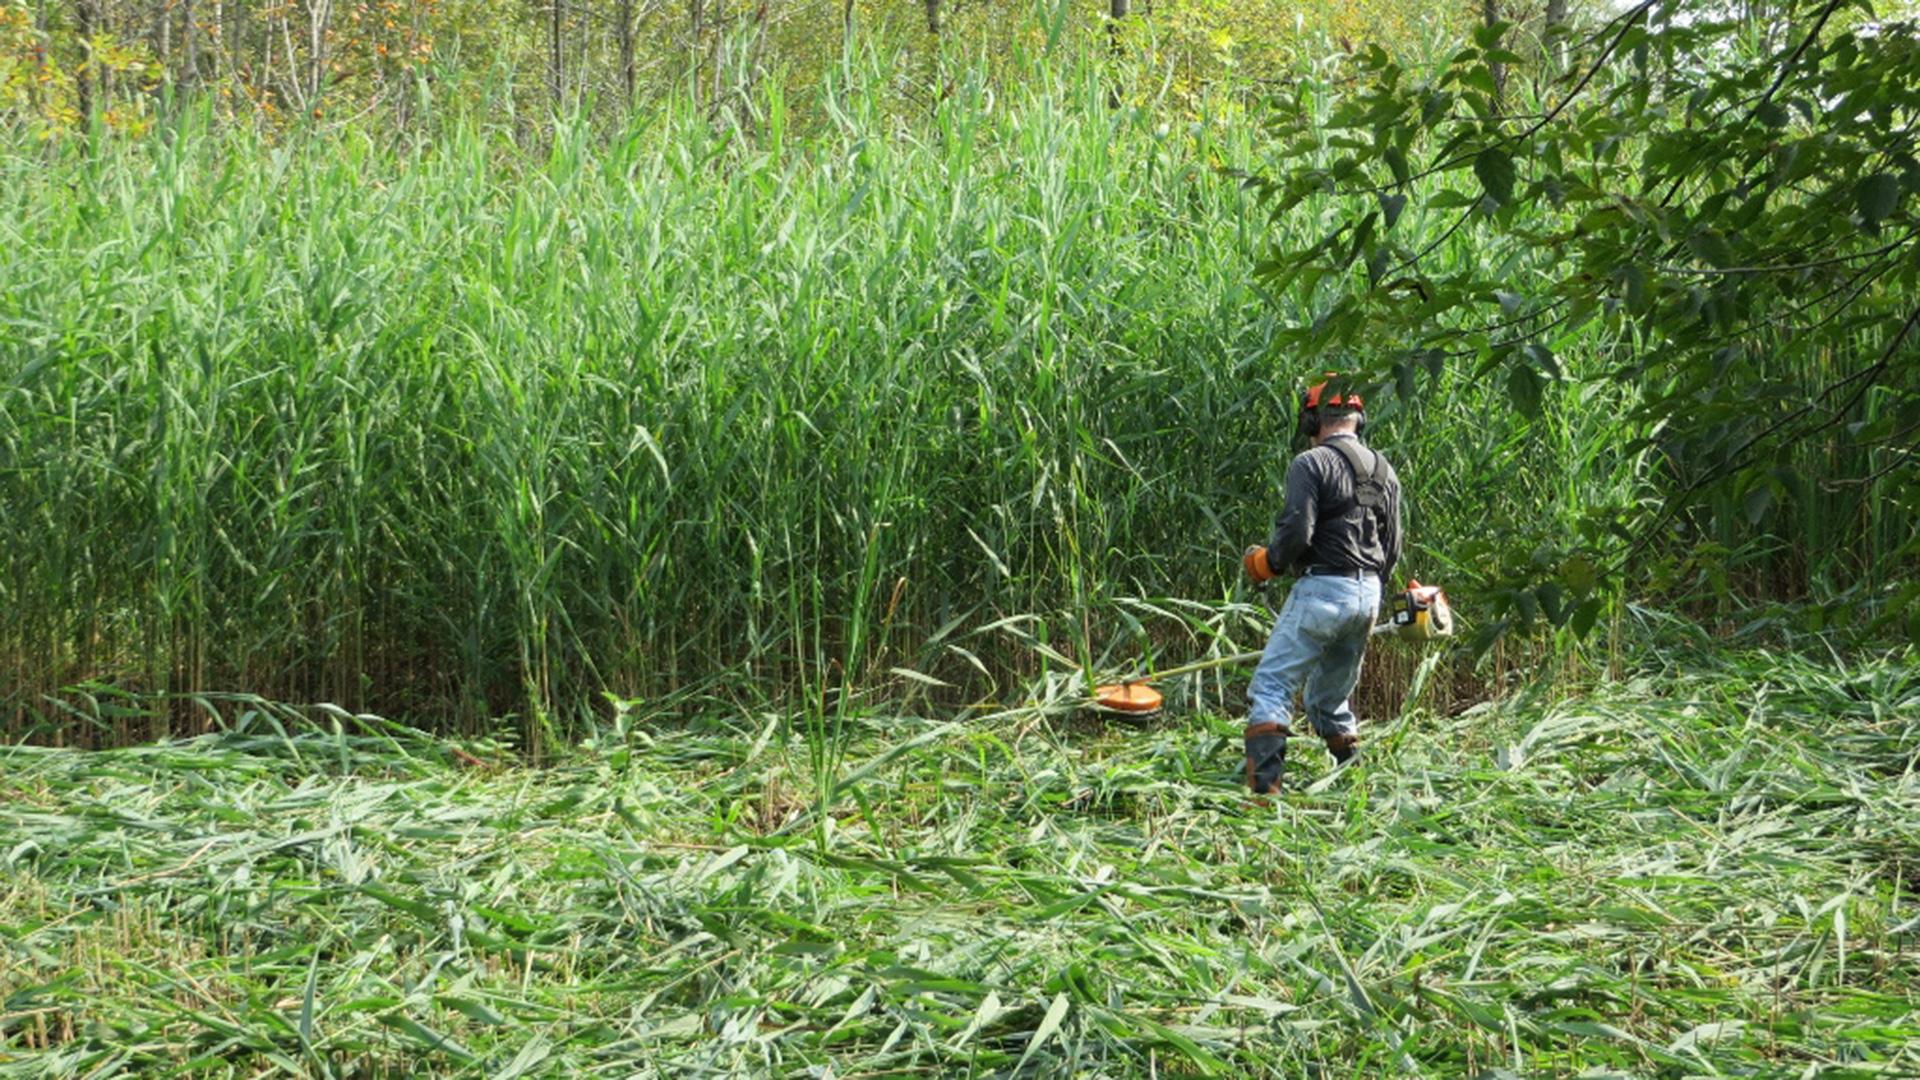 Fauchage du roseau commun à l'aide d'une débroussailleuse à la Réserve naturelle du Marais-Léon-Provancher. (Photo: Réhaume Courtois)